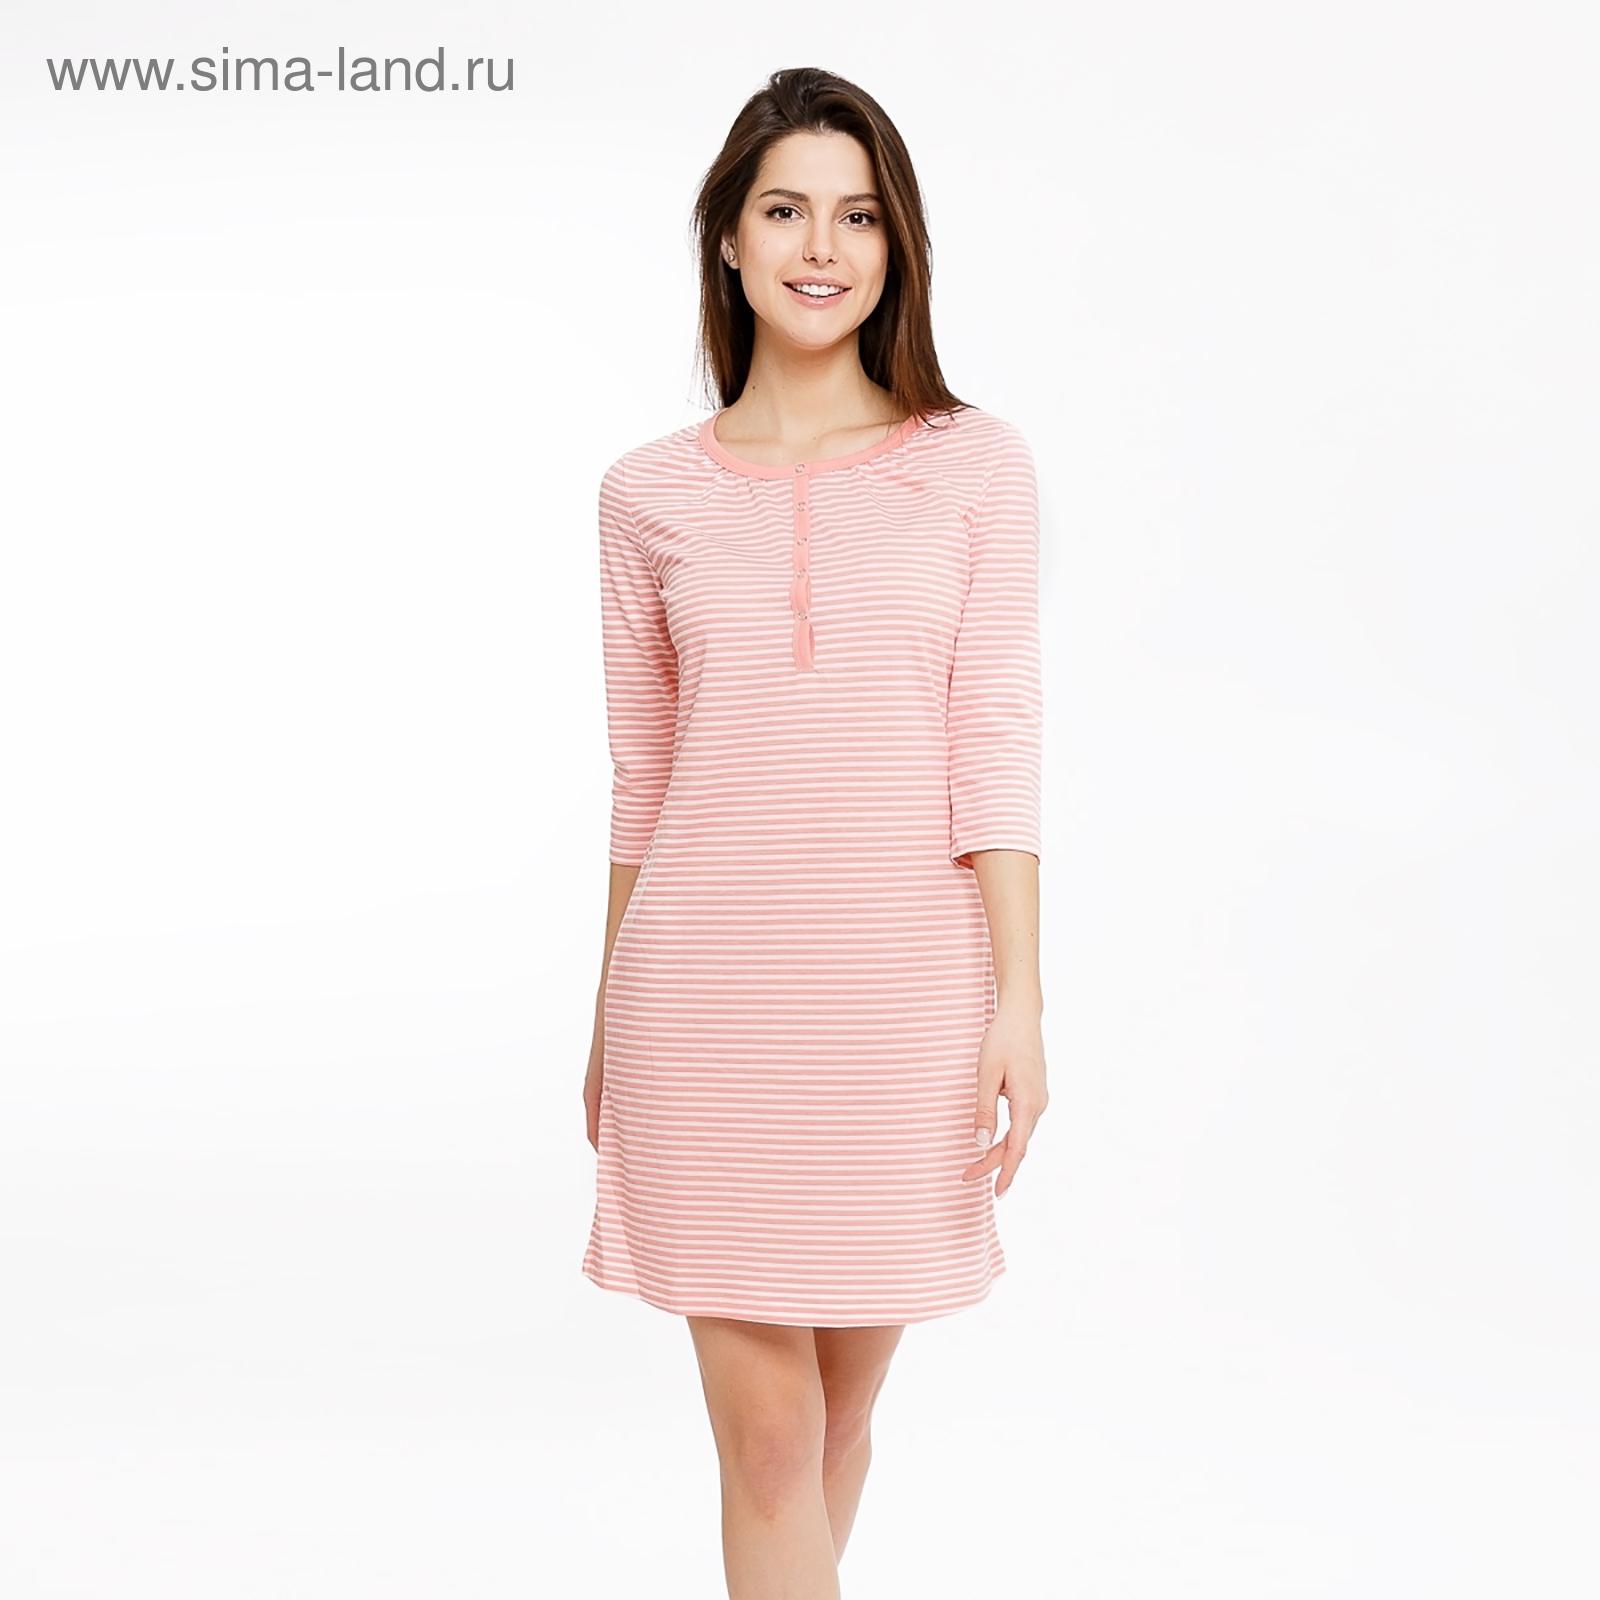 8537f151948a6f6 Сорочка женская 801-0 (572264) цвет розовая полоска, р-р 42 (XS ...